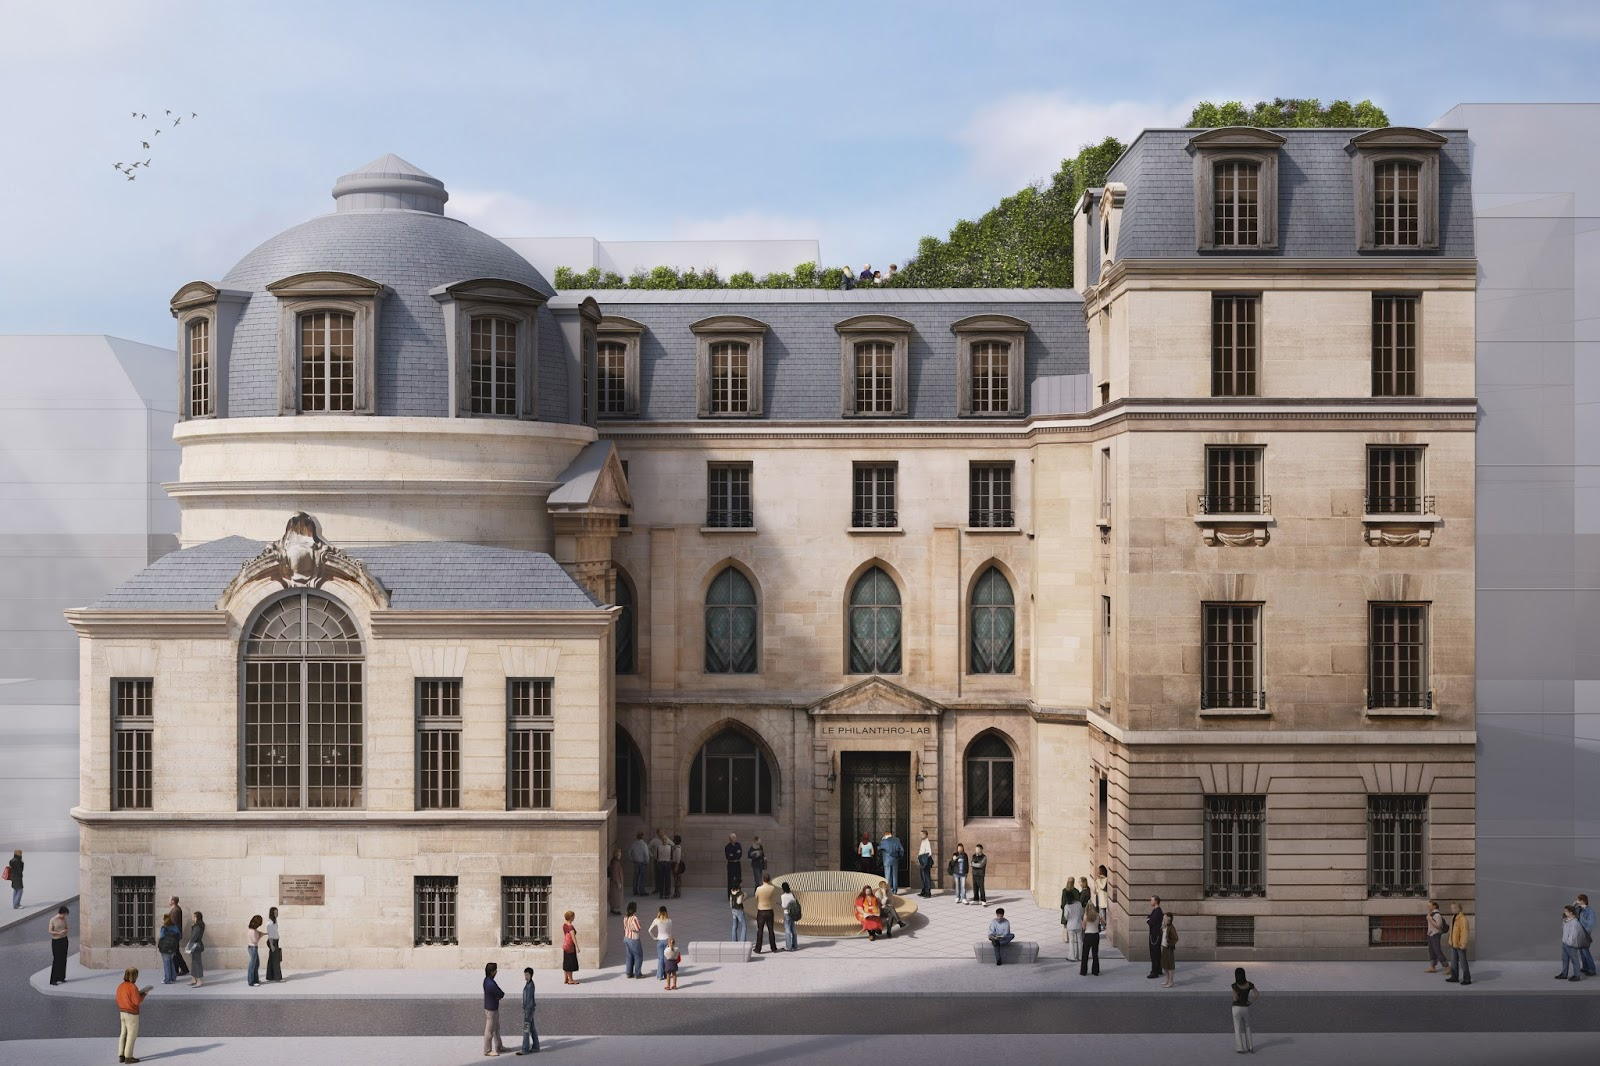 Laureat du concours r inventer paris pour l 39 h tel de la - Hotel particulier paris bismut architecture ...